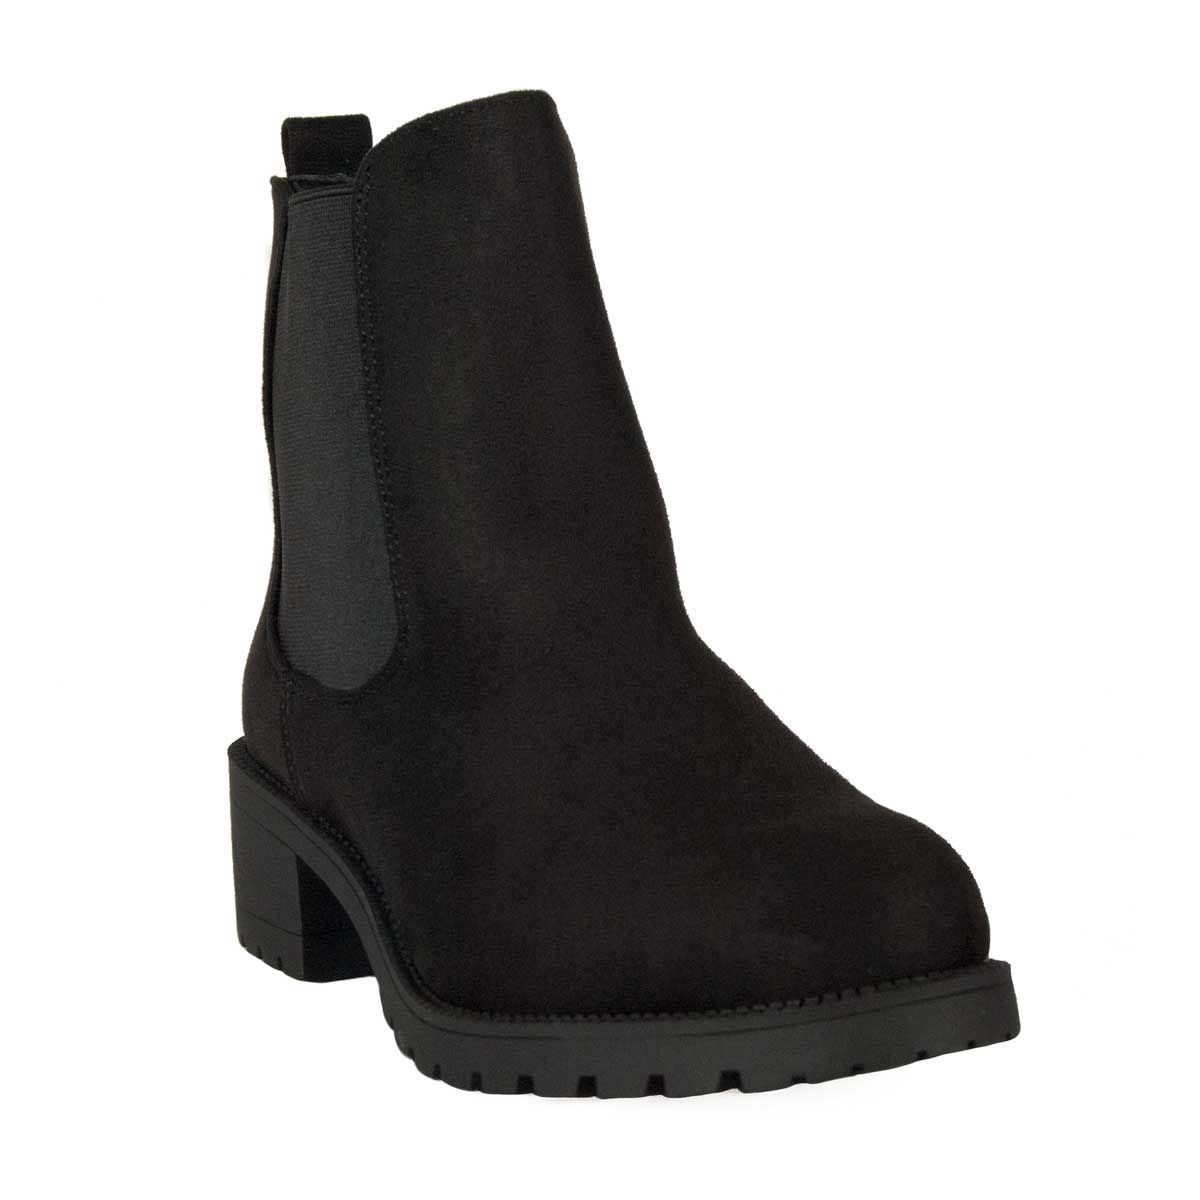 Montevita Chelsea Boot in Black